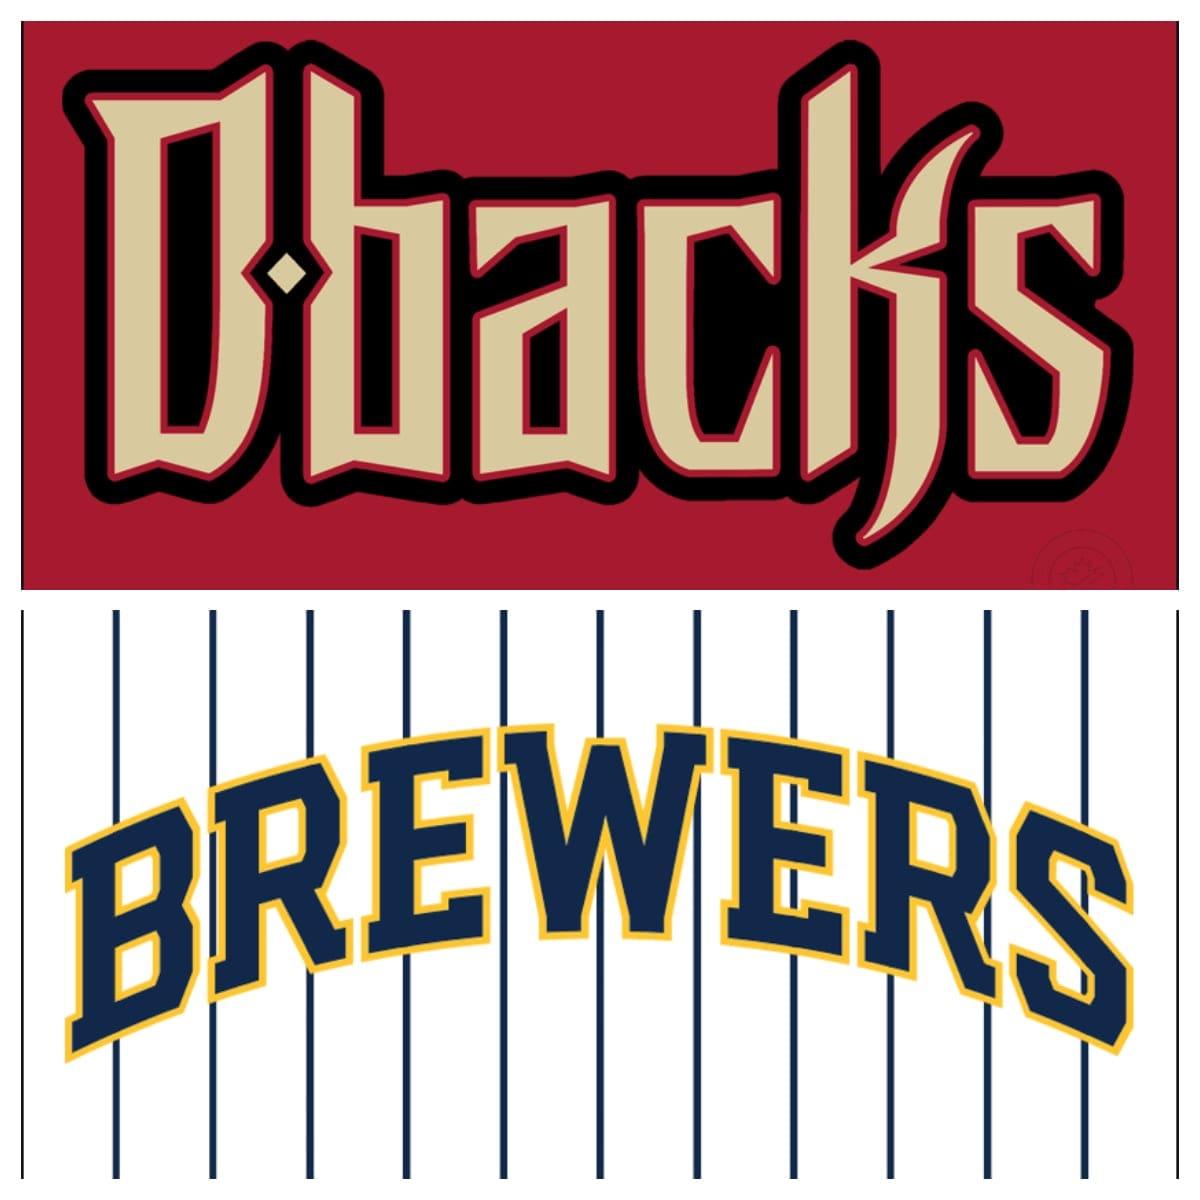 Arizona Diamondbacks vs Milwaukee Brewers Stats